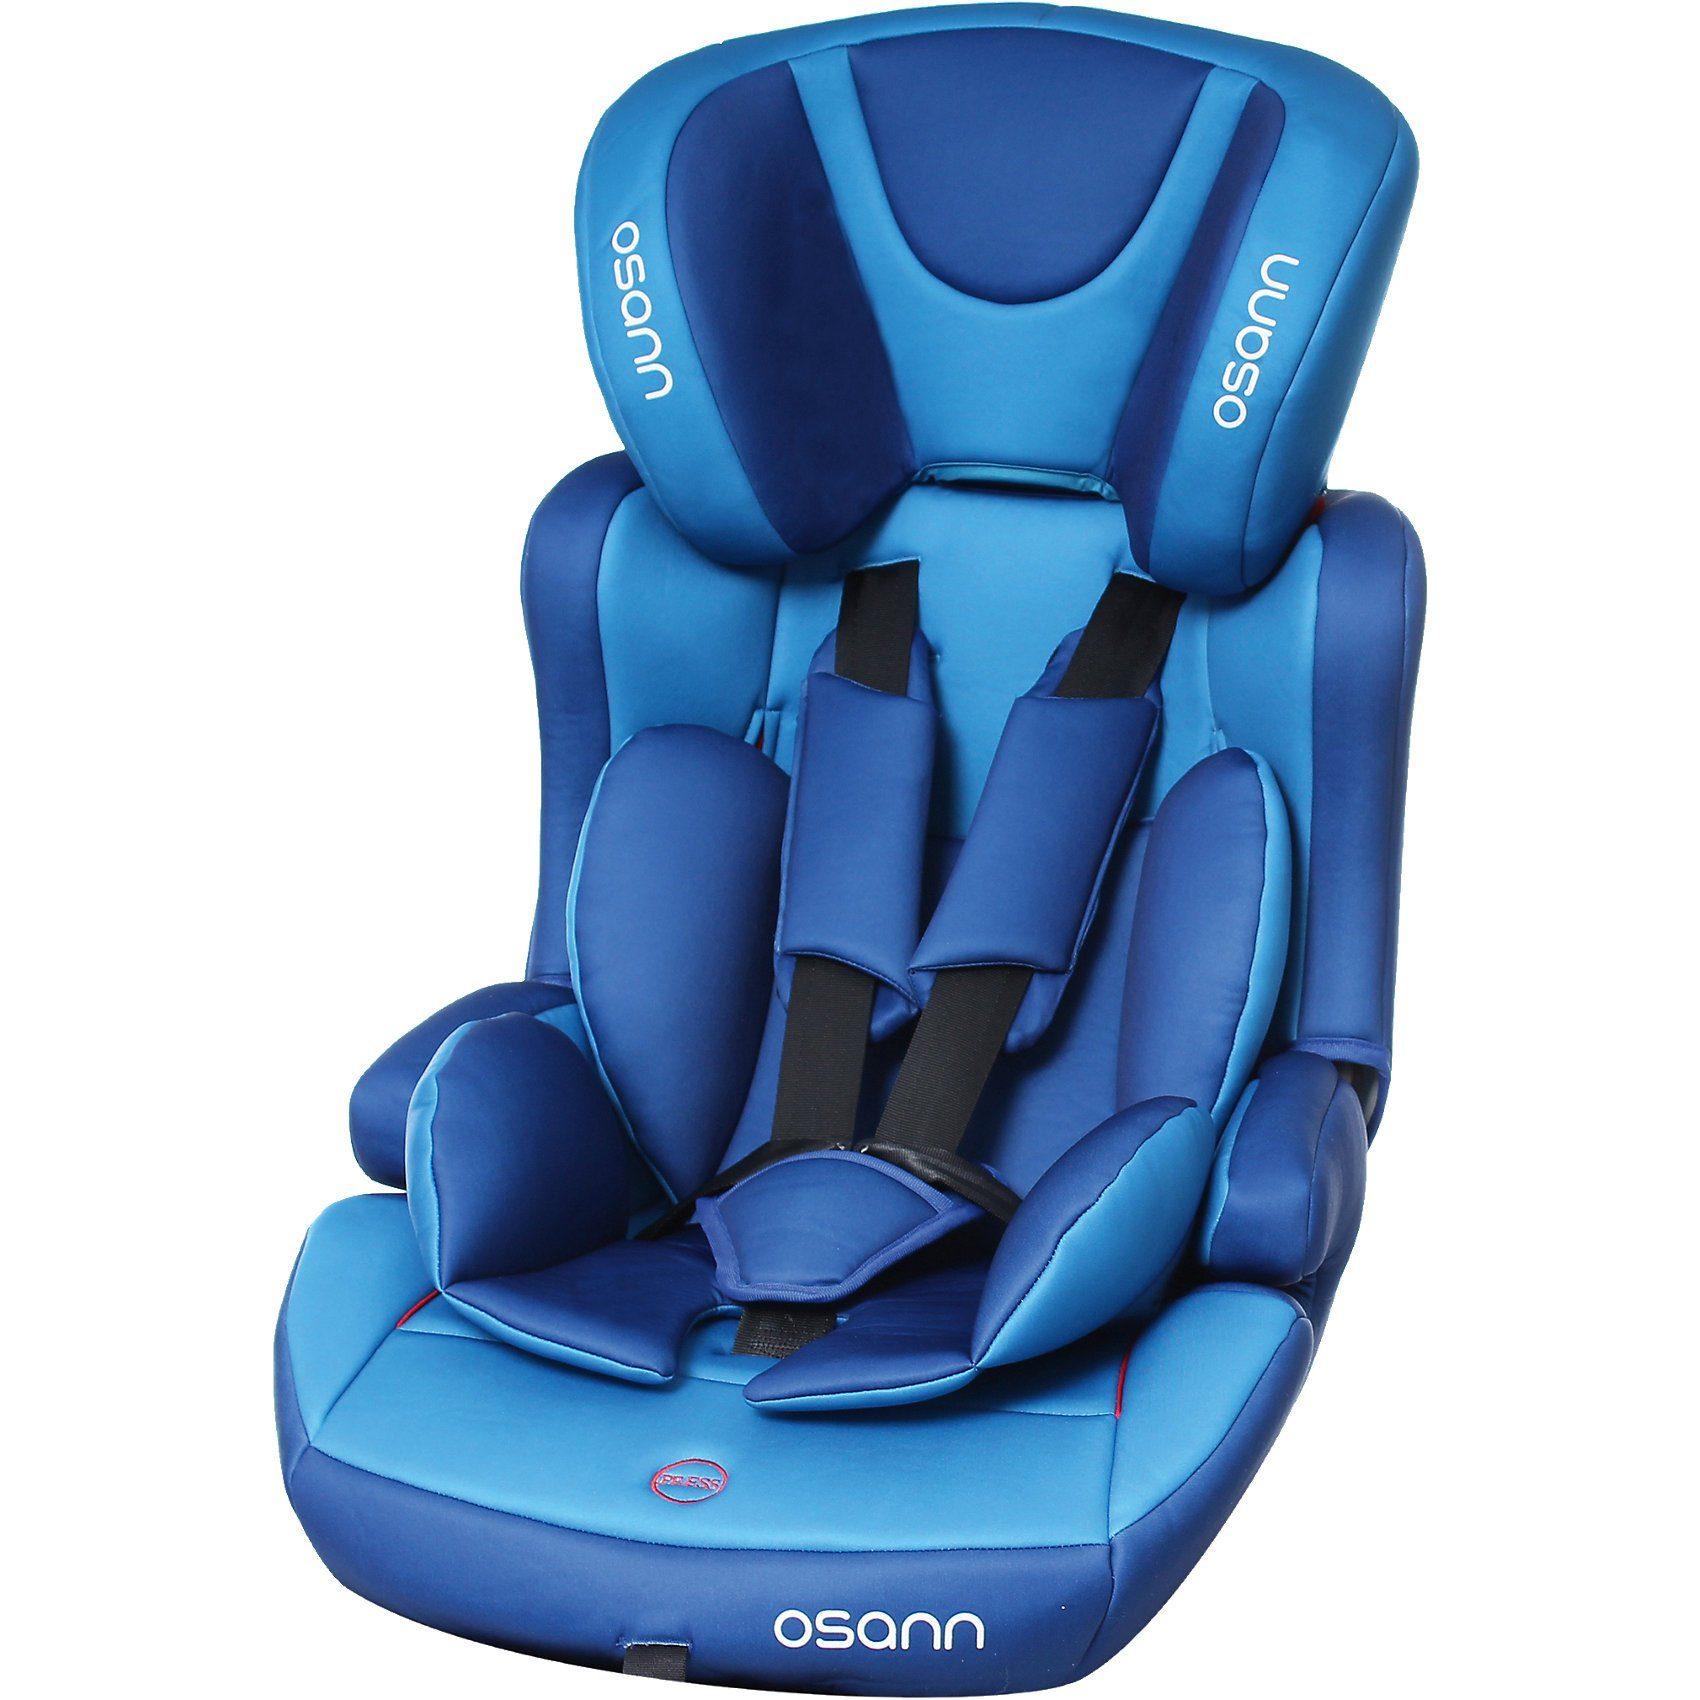 Osann Auto-Kindersitz Lupo Plus, Acqua, 2018